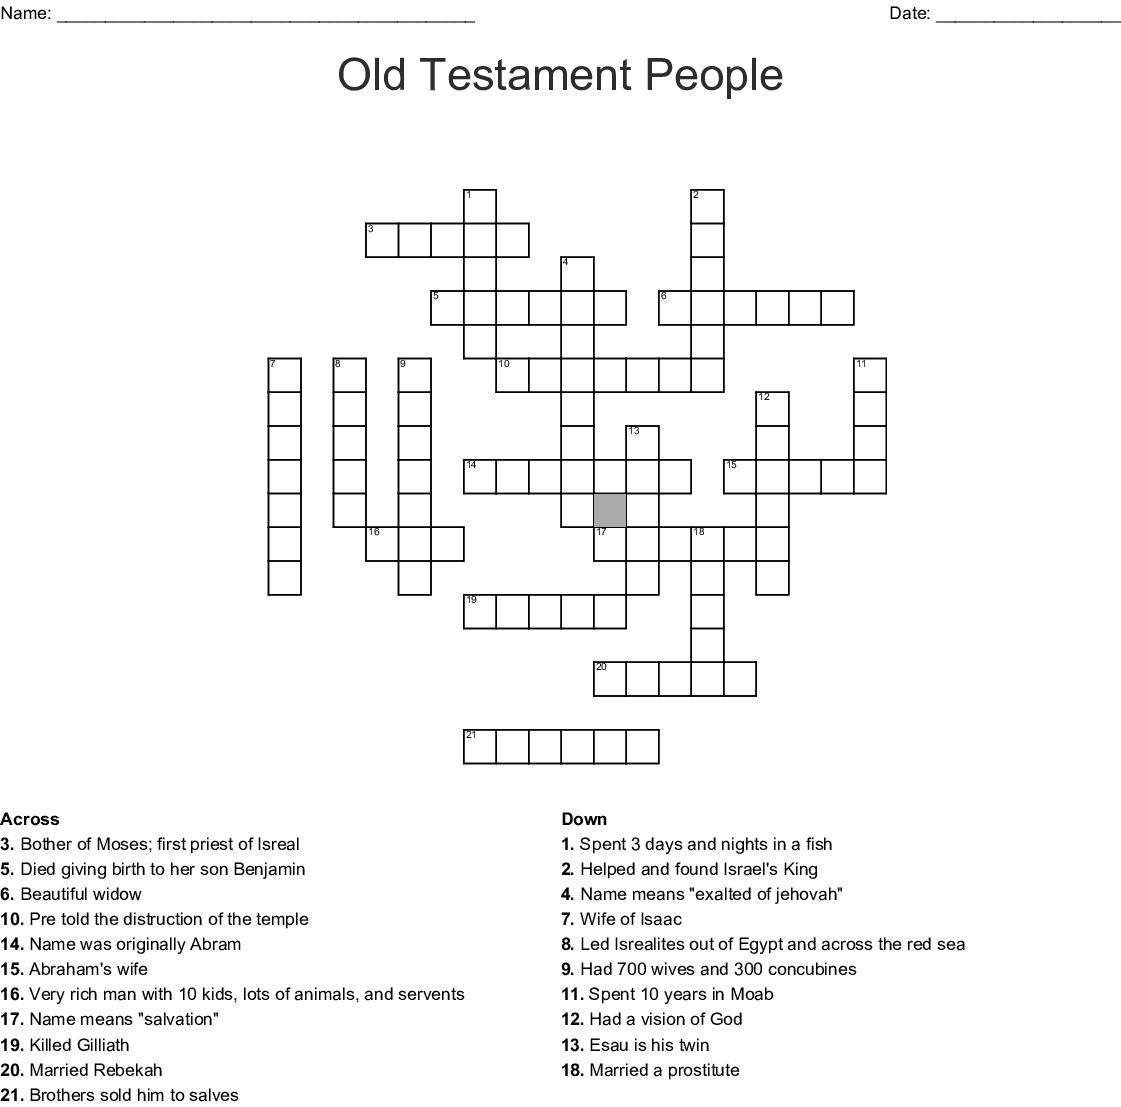 Old Testament People Crossword - WordMint